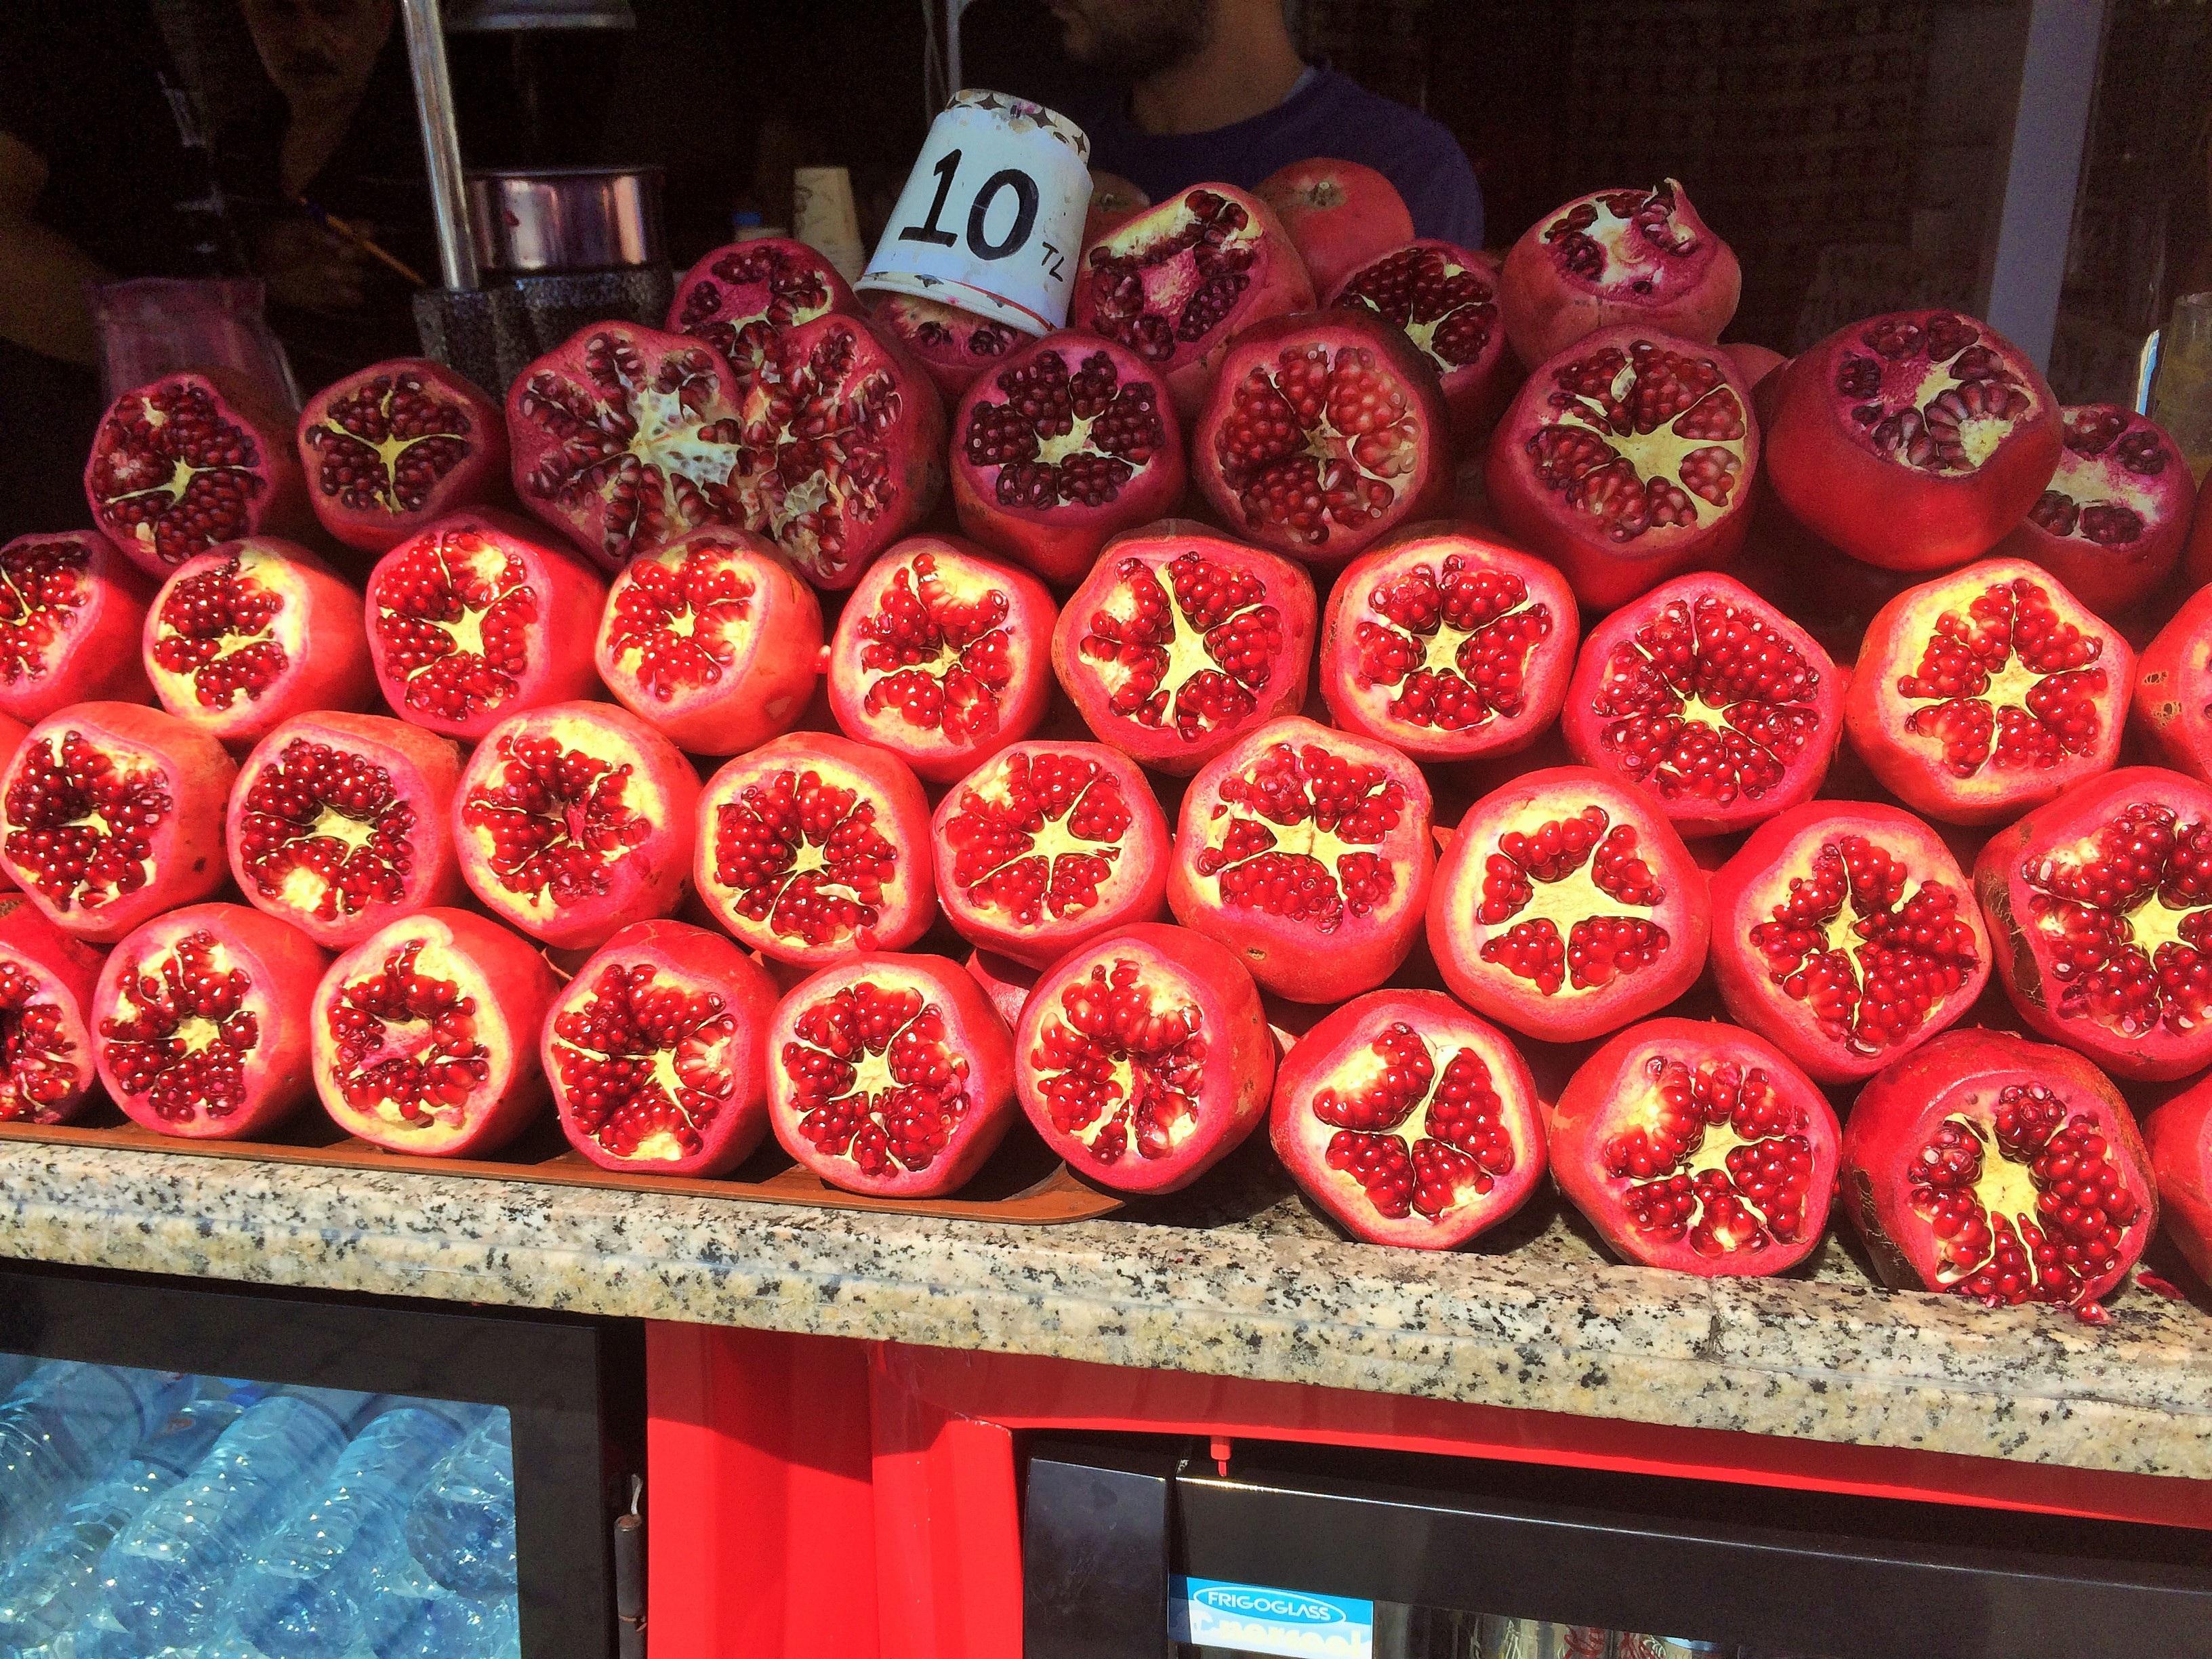 Exceptionnel Images Gratuites : fruit, fleur, aliments, rouge, produire, légume  LV67